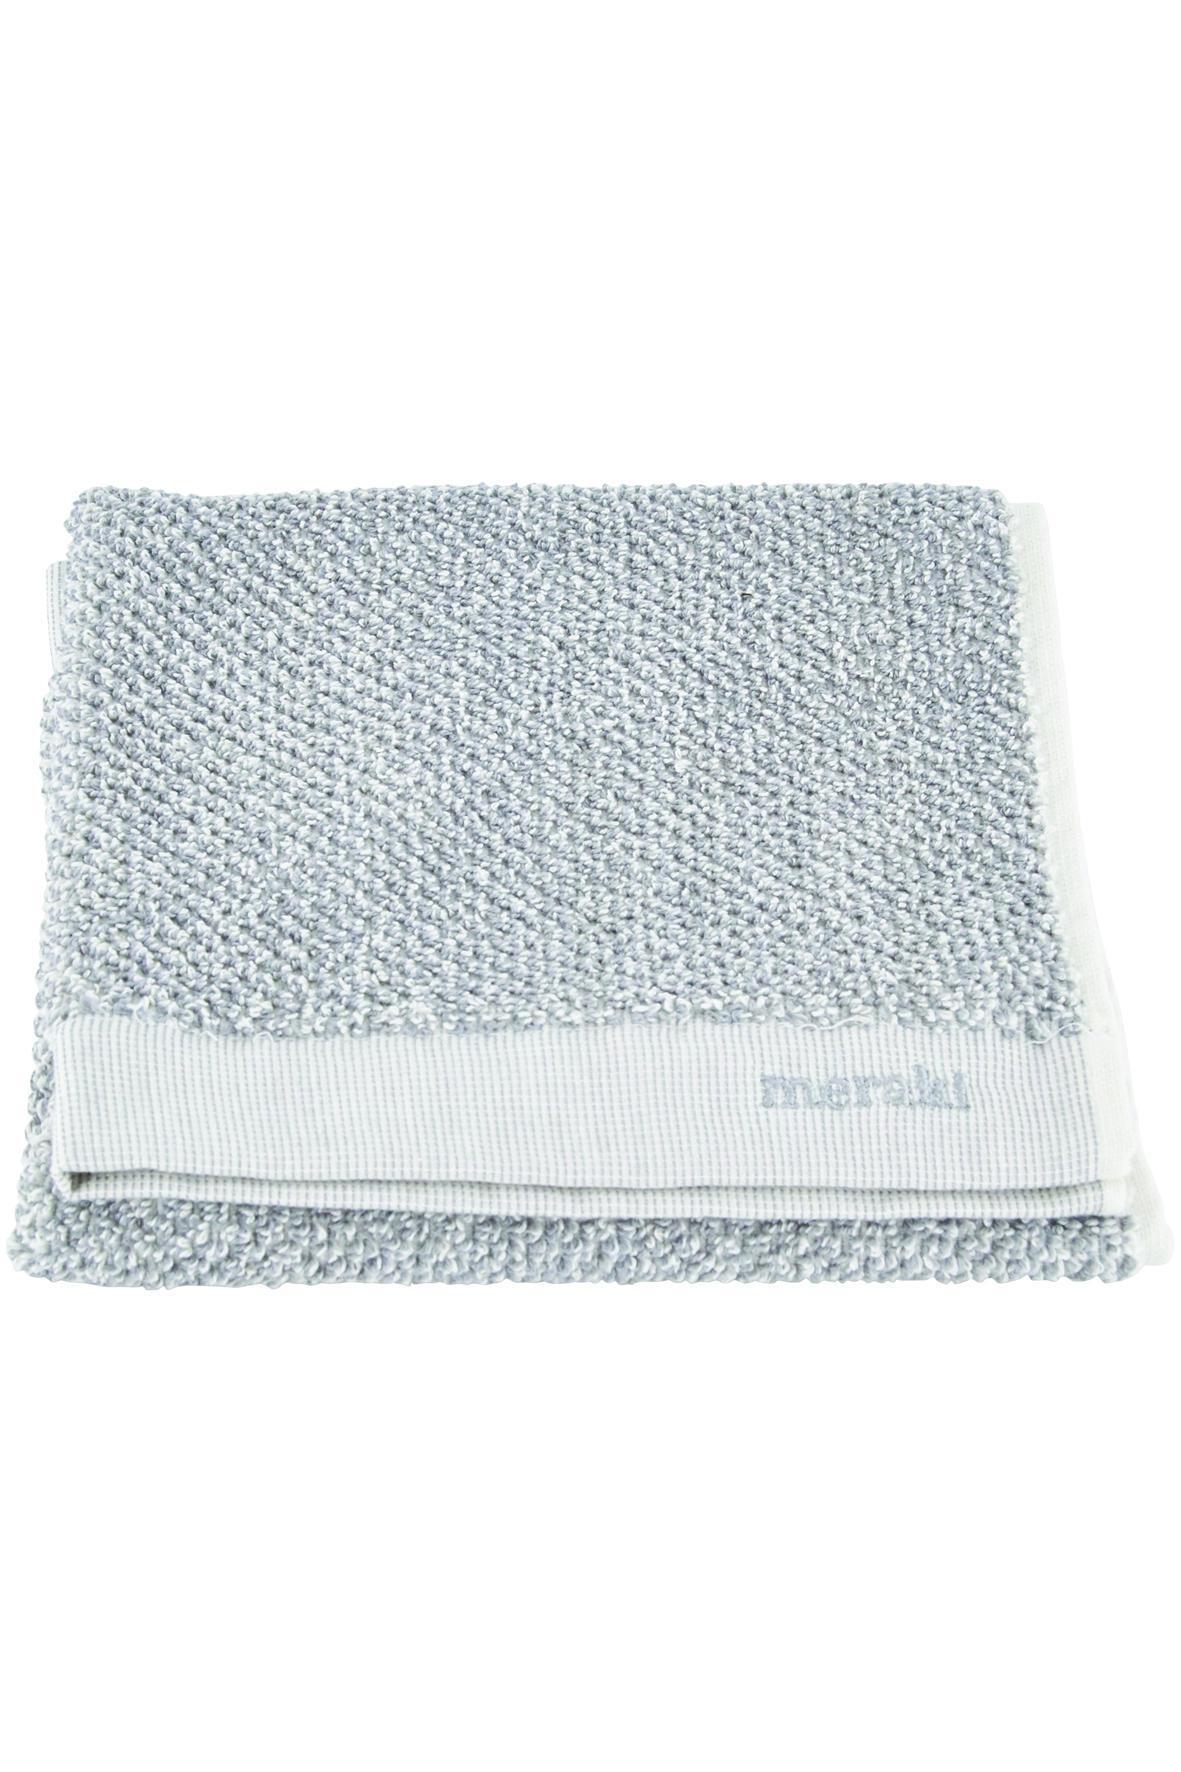 Meraki Set ručníků Meraki 40x60 cm - 2 ks